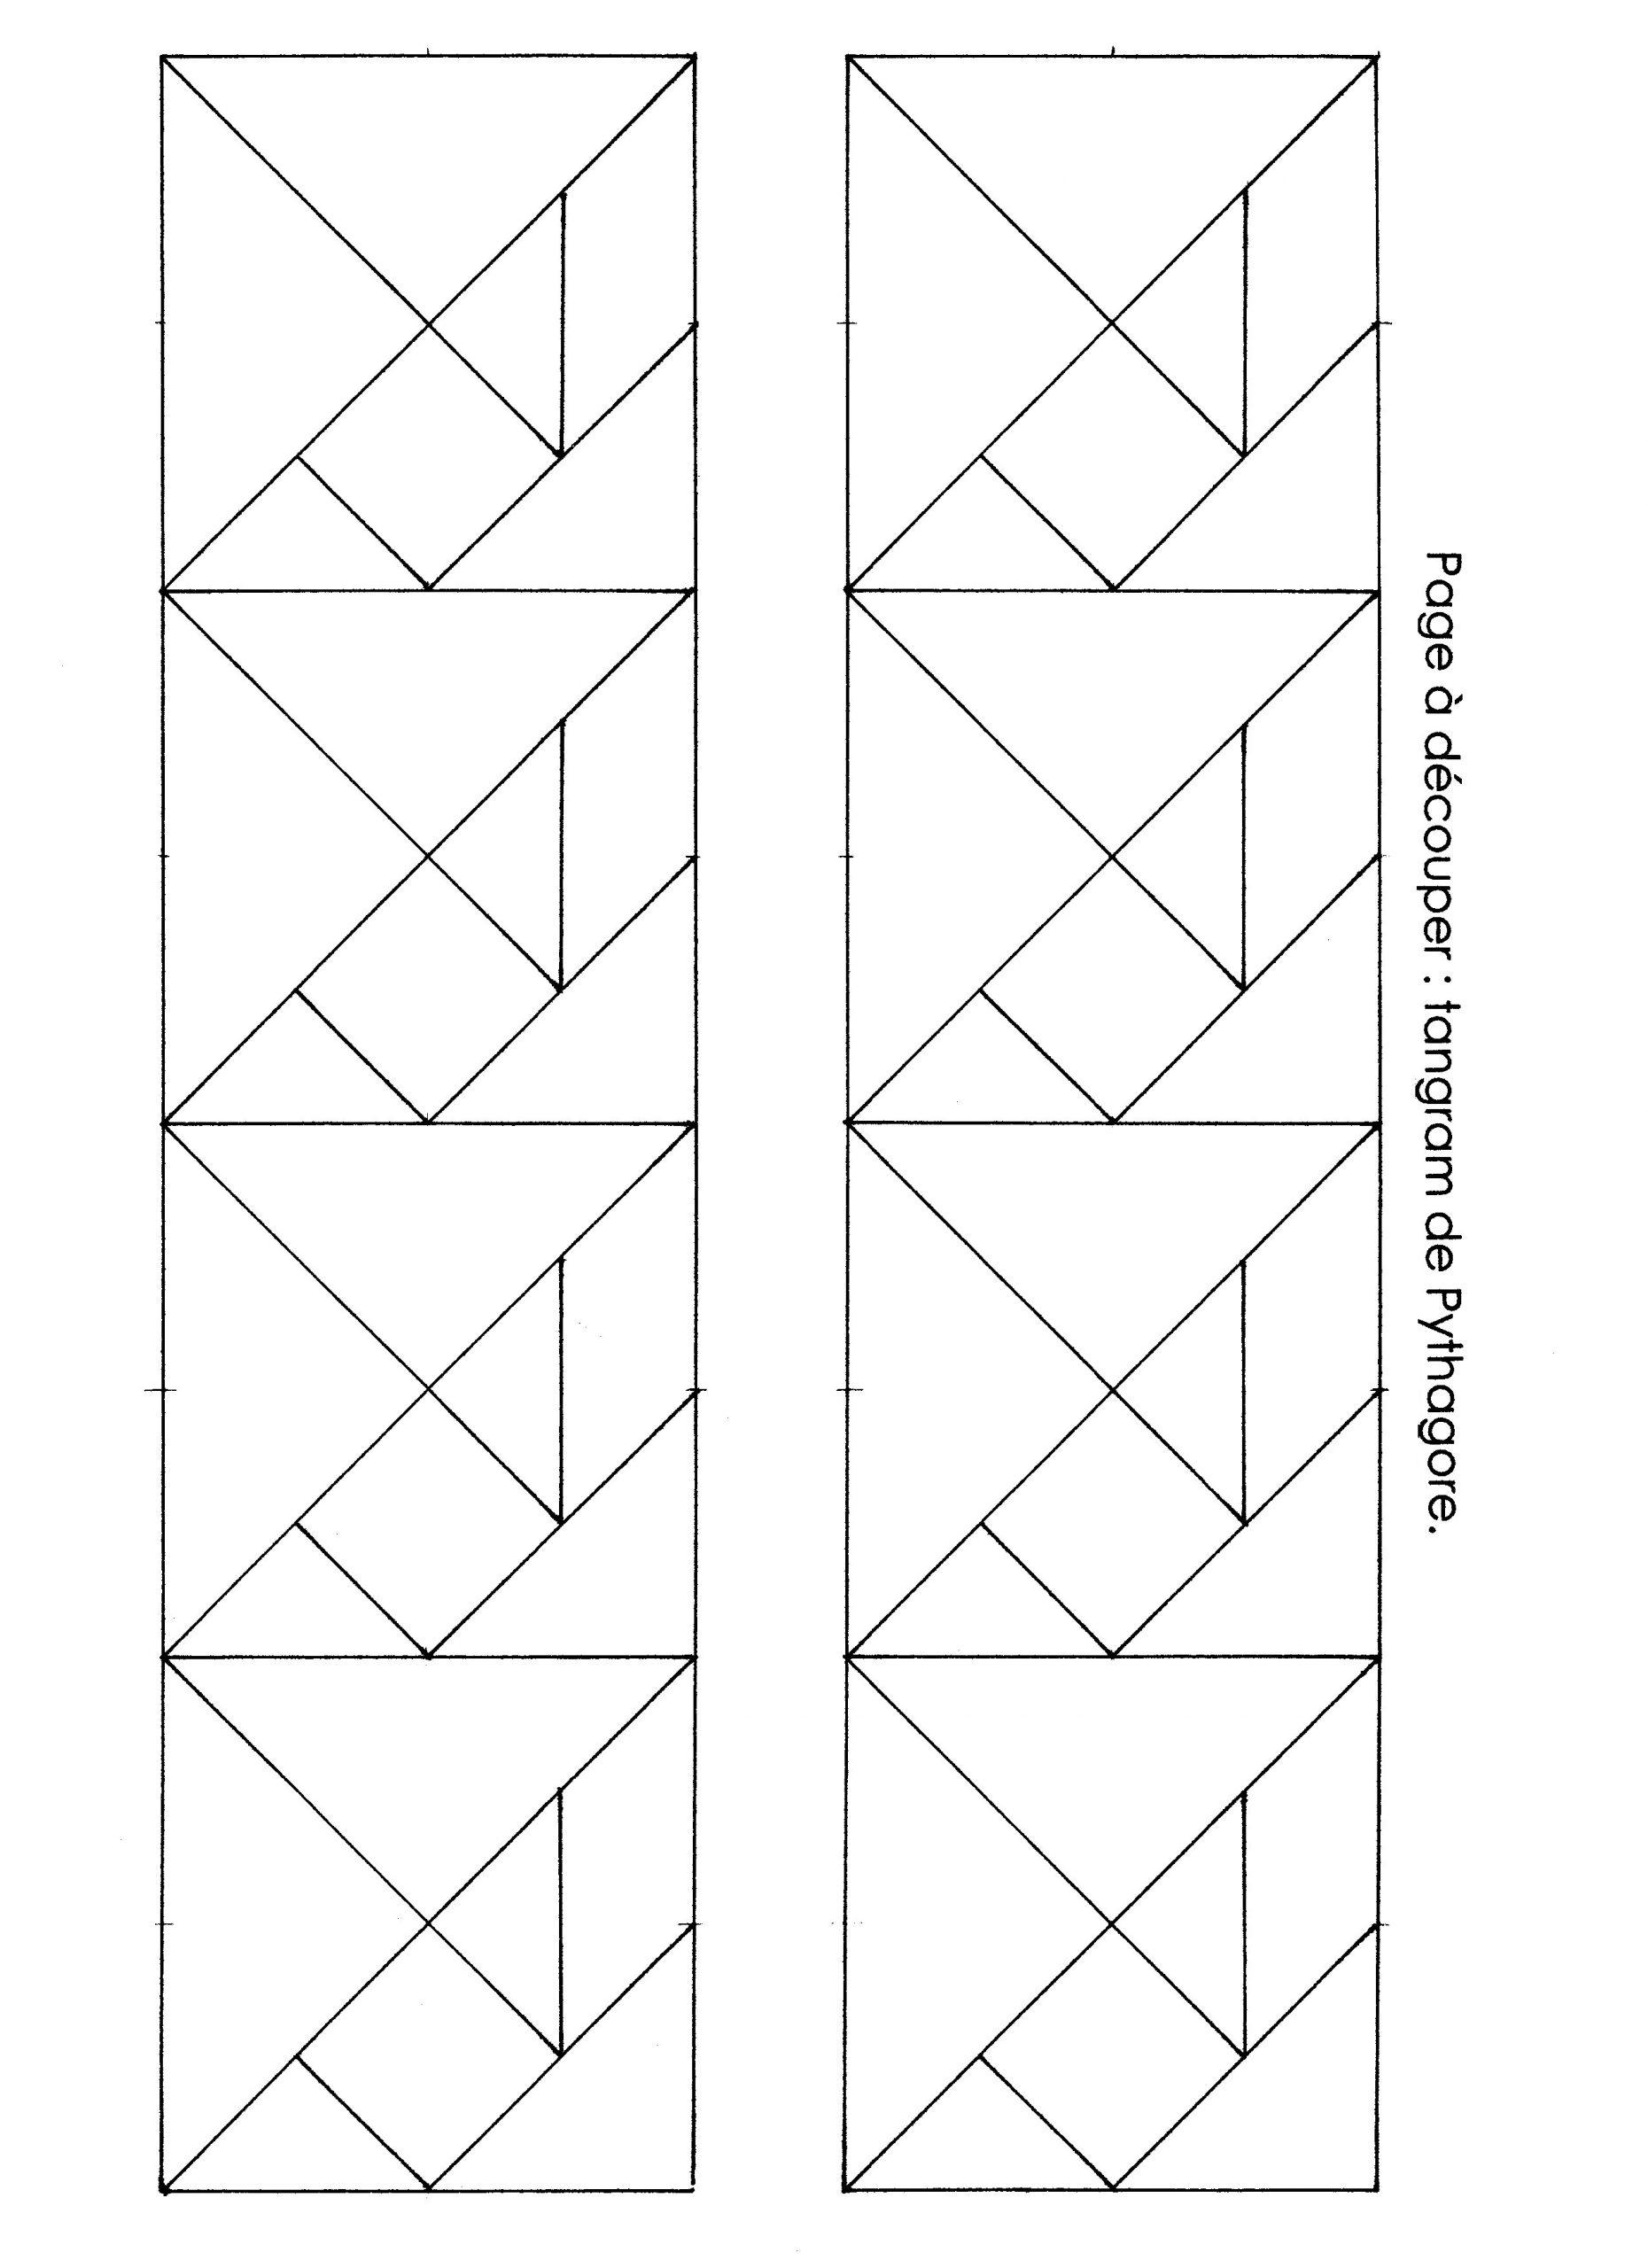 Ateliers Tangram - École Maternelle Gellow concernant Tangram En Maternelle